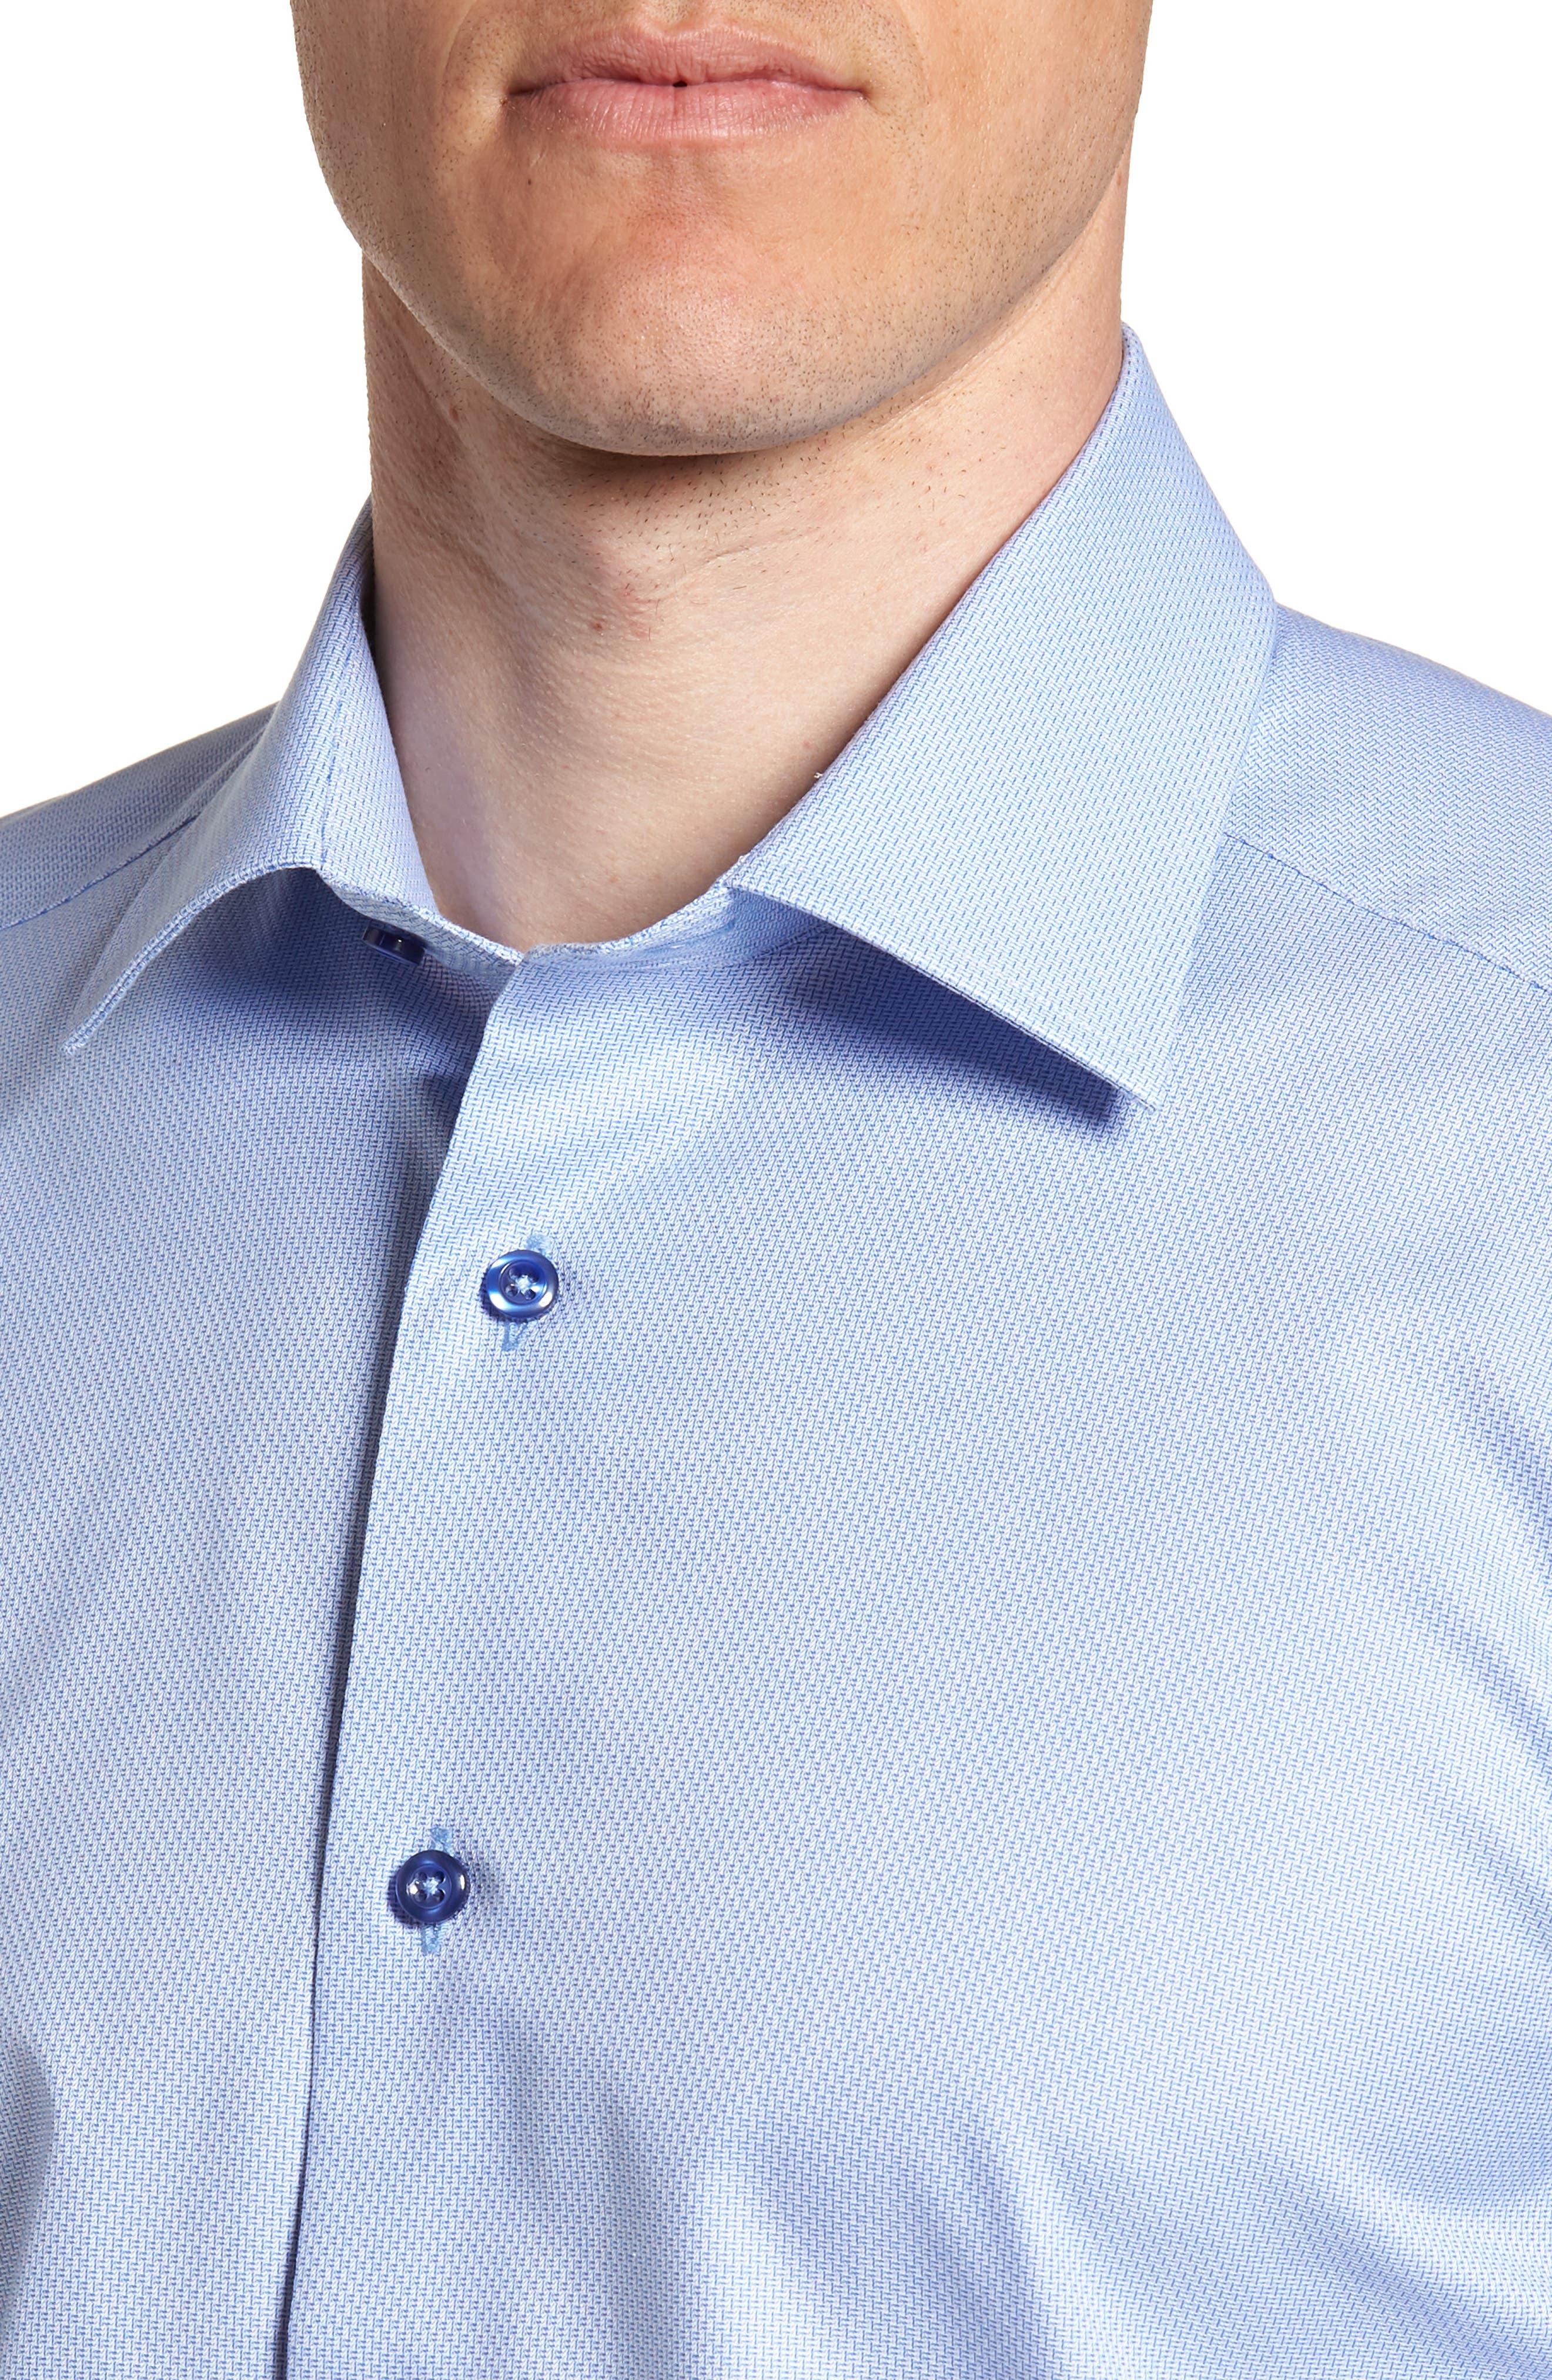 Trim Fit Solid Dress Shirt,                             Alternate thumbnail 4, color,